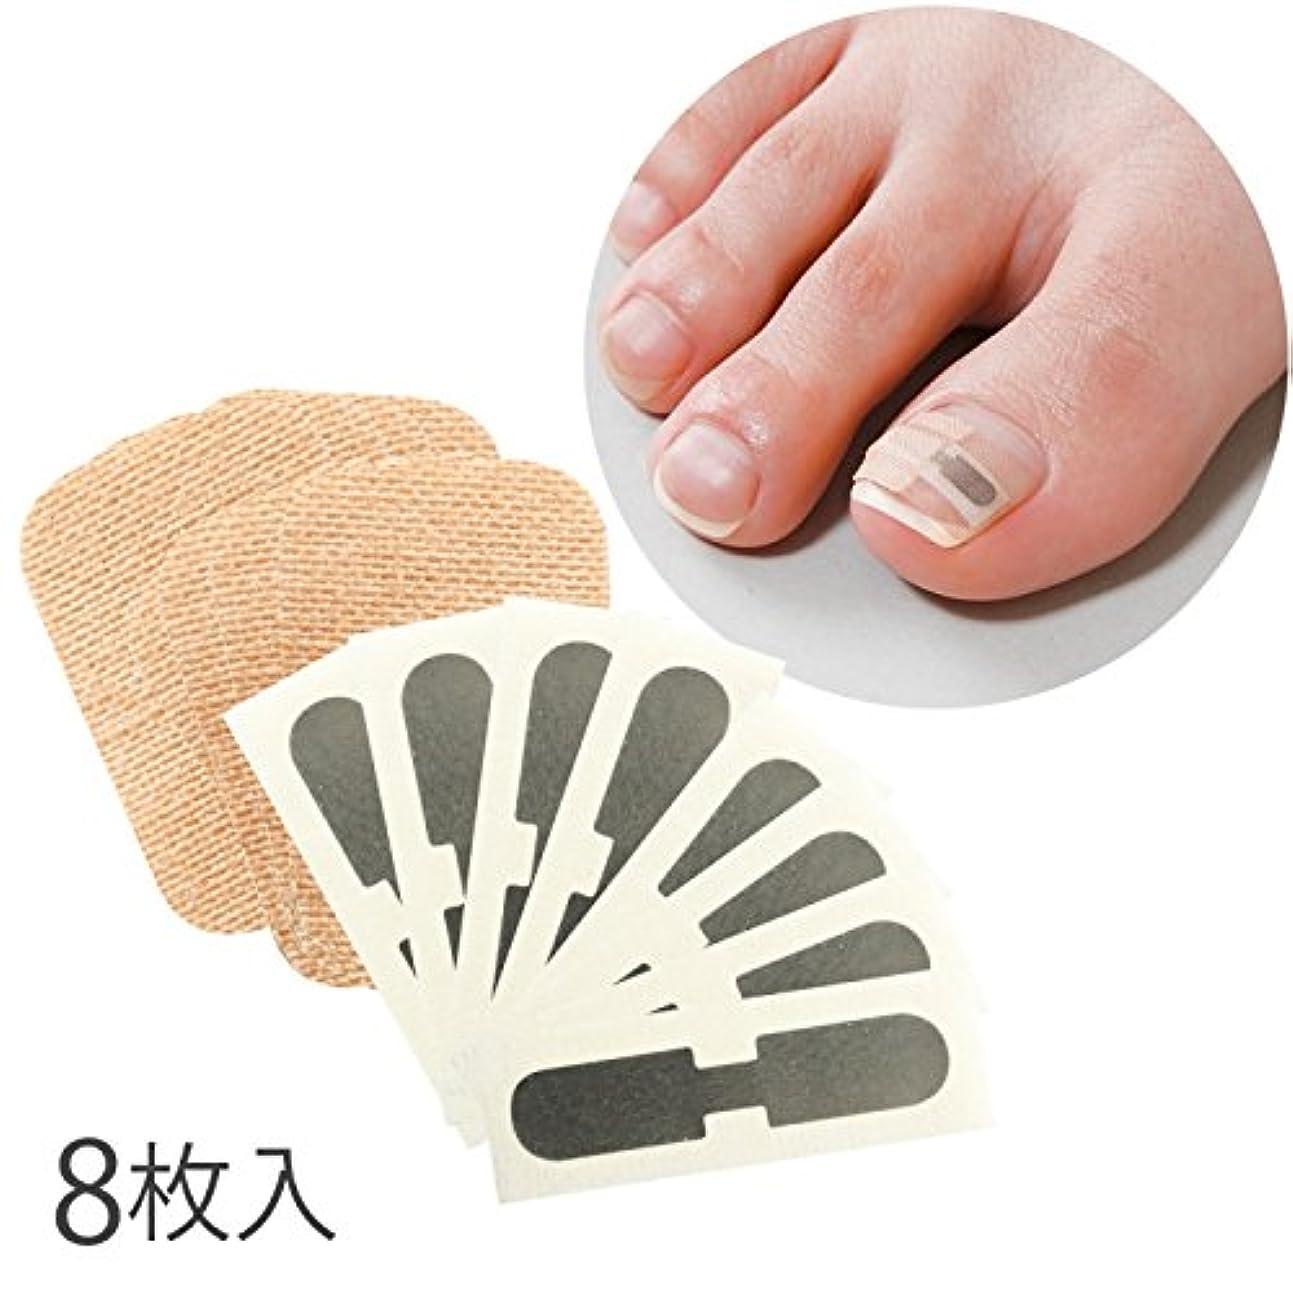 アプローチ欺くみすぼらしい巻き爪リフトシール 1ヶ月ケア 8回分 / 8-4134-01